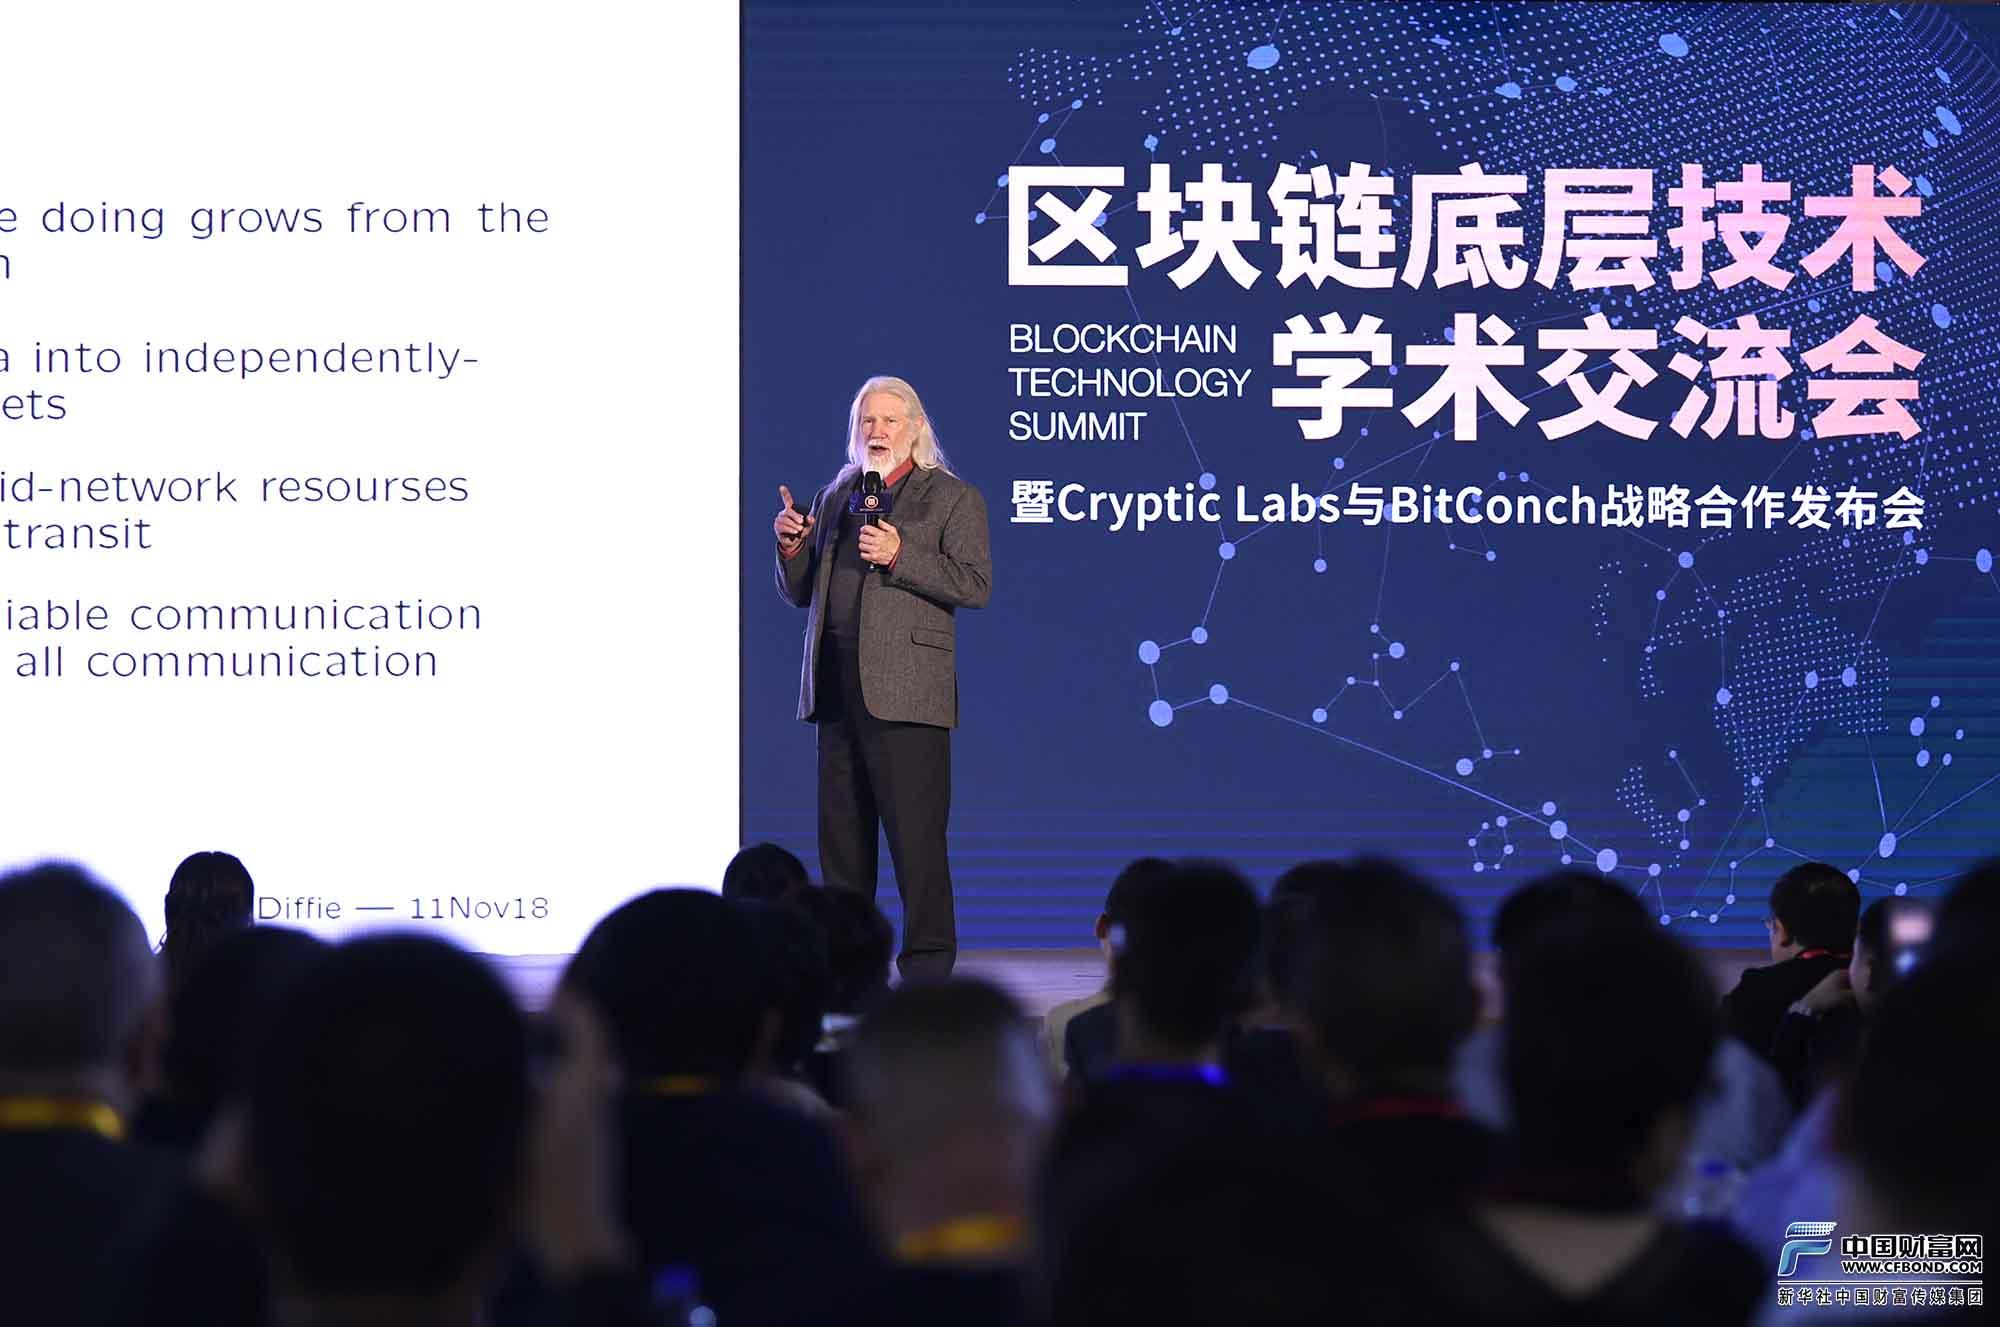 """2015年图灵奖得主被誉为""""公钥密码学之父""""斯坦福Cryptic Labs首席科学家Dr. Whitfield Diffie发言"""